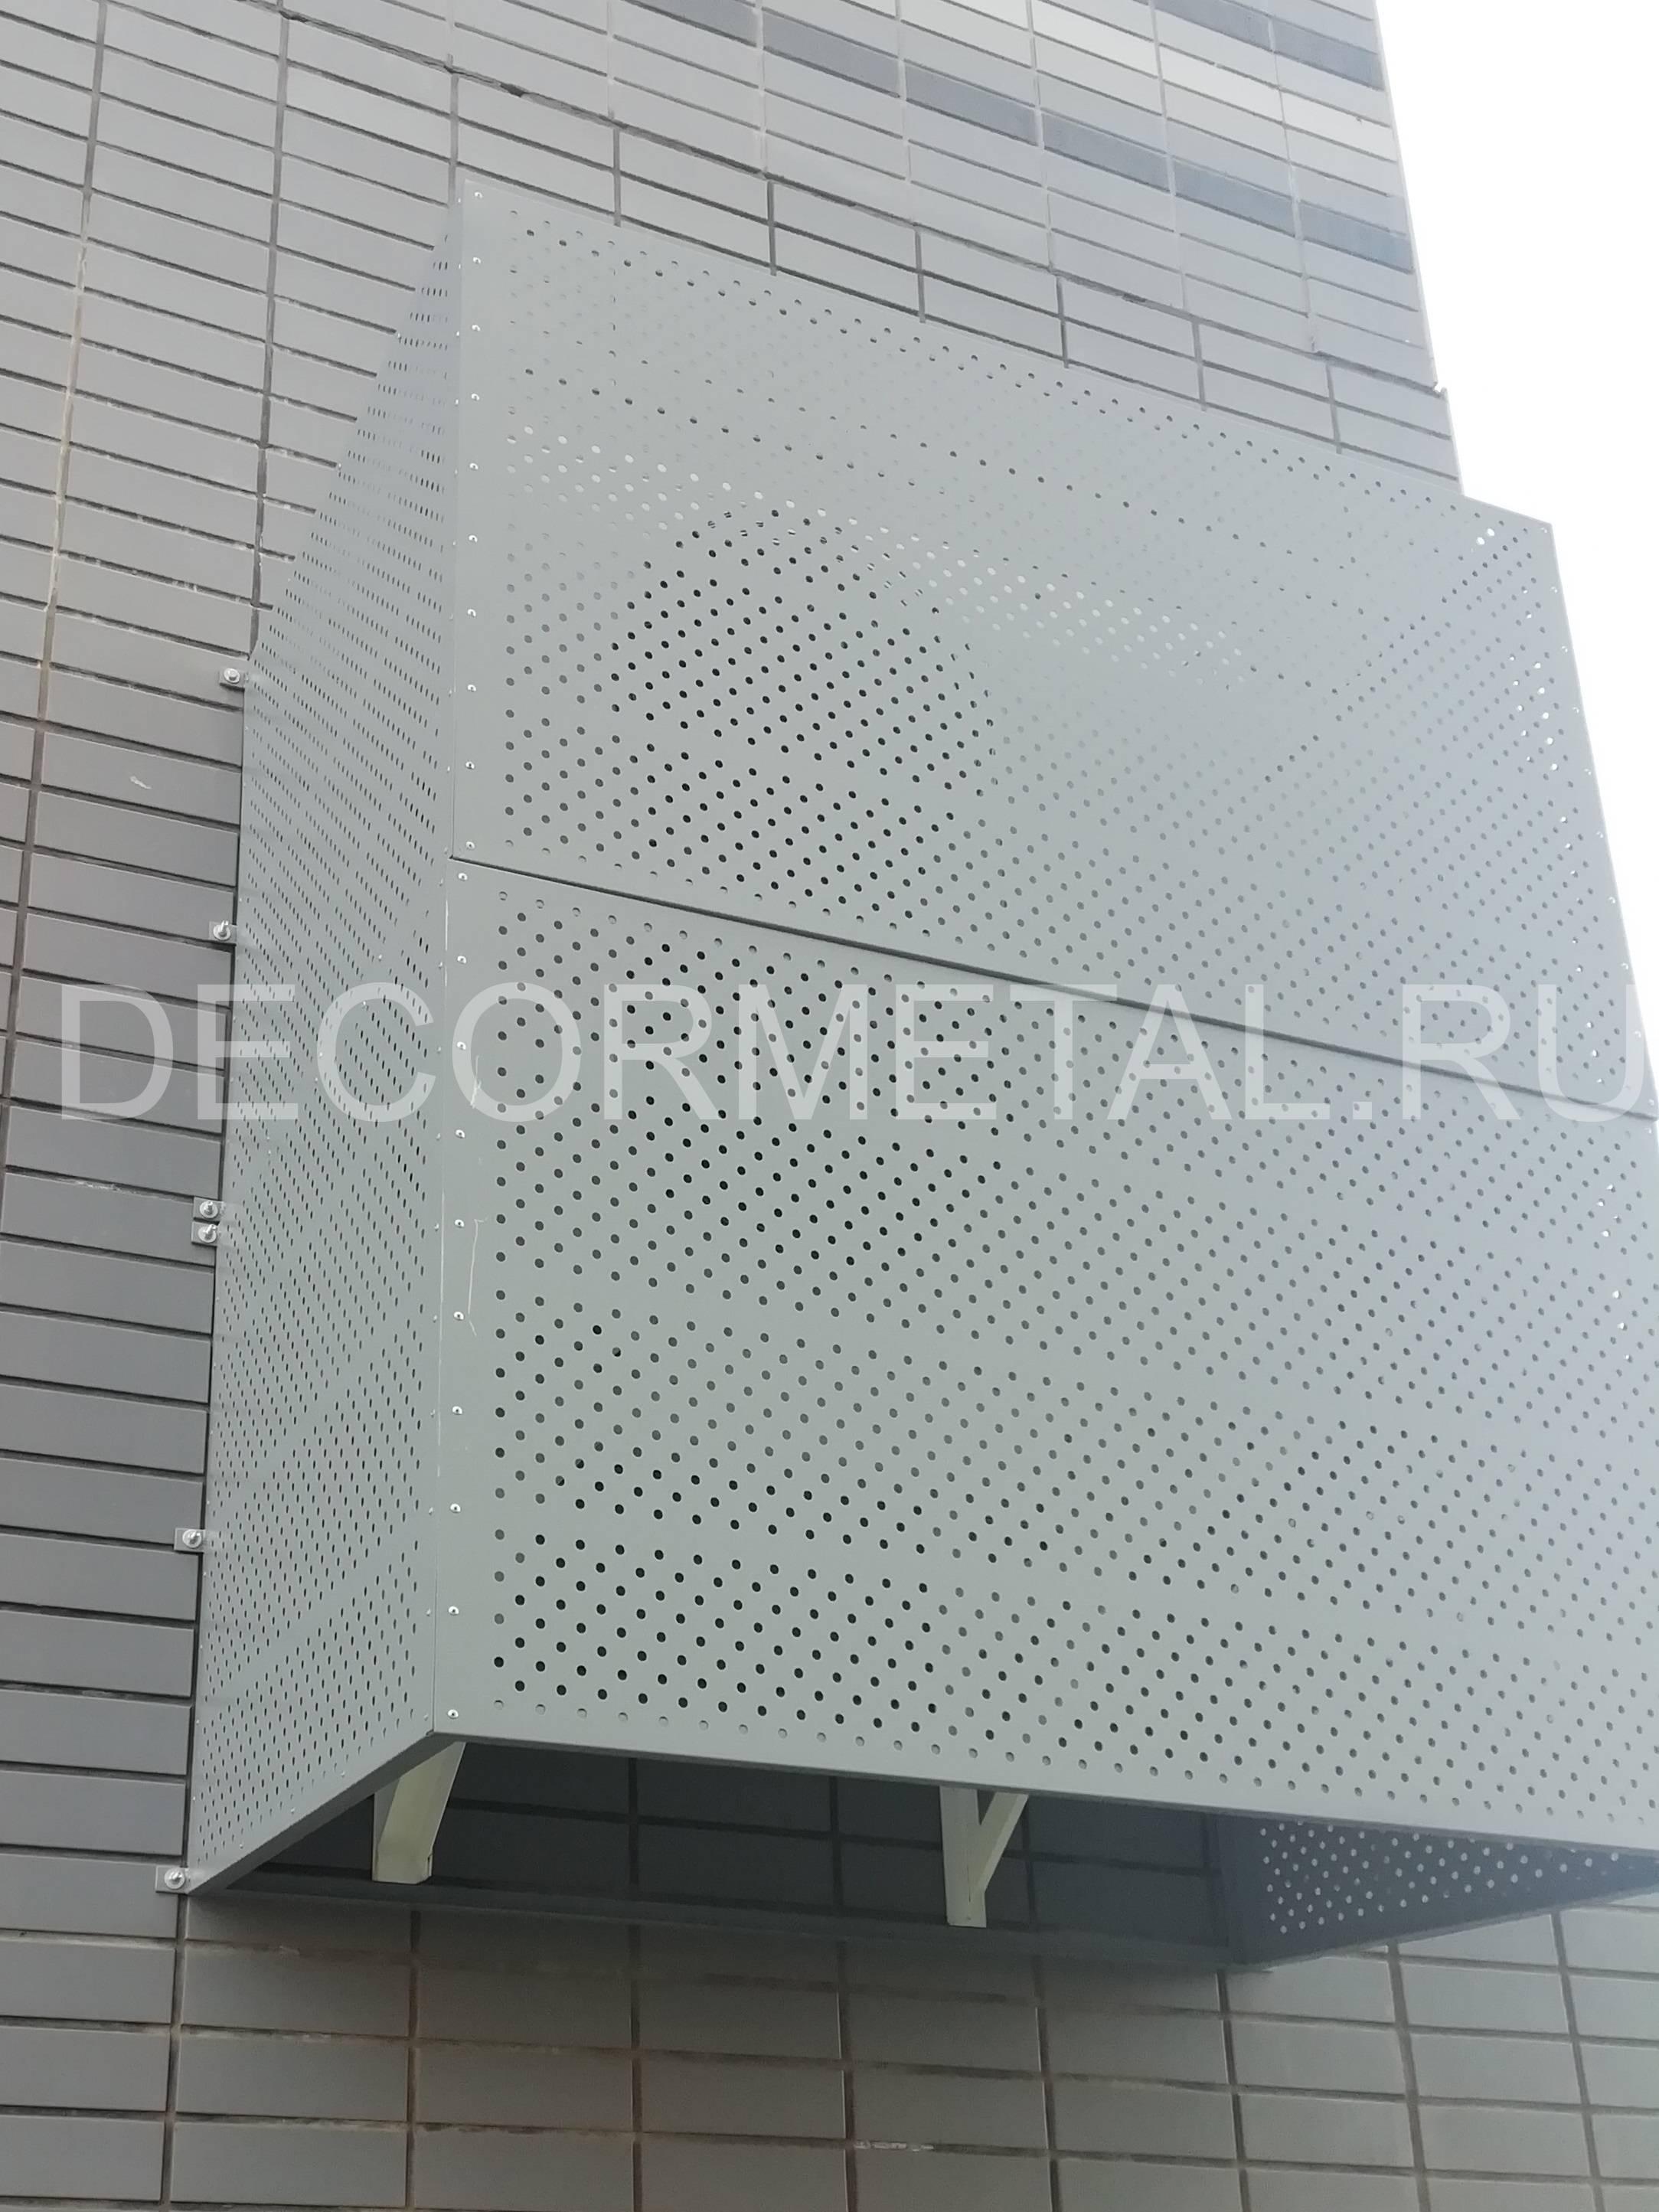 Корзины и короба для кондиционеров на фасаде здания: назначение и функции